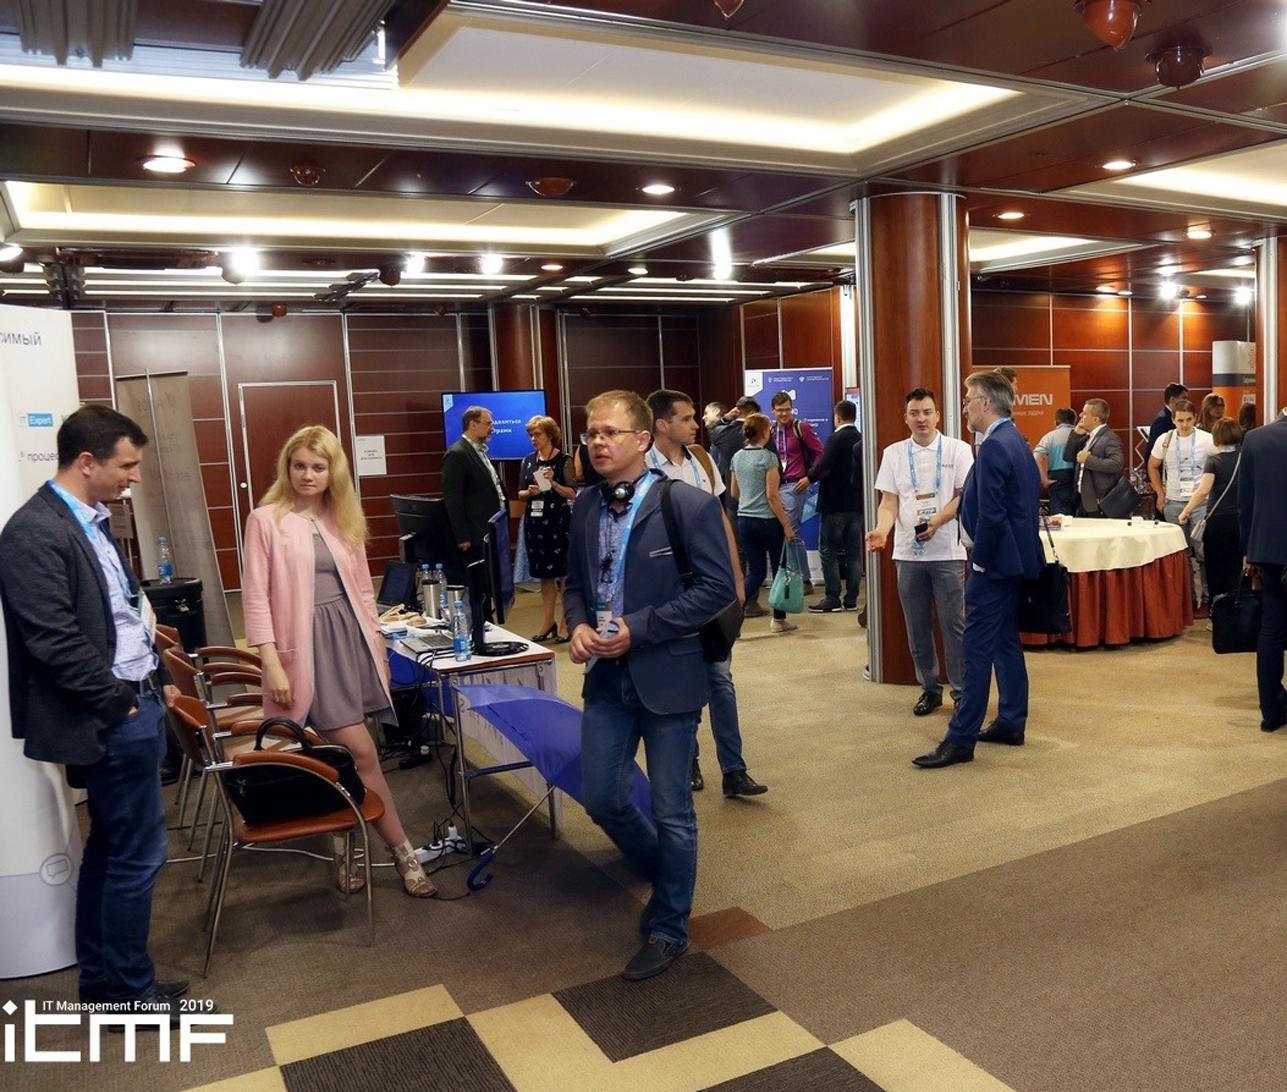 Даунсайд Ап представил свою работу по цифровой стратегии на IT Management Forum